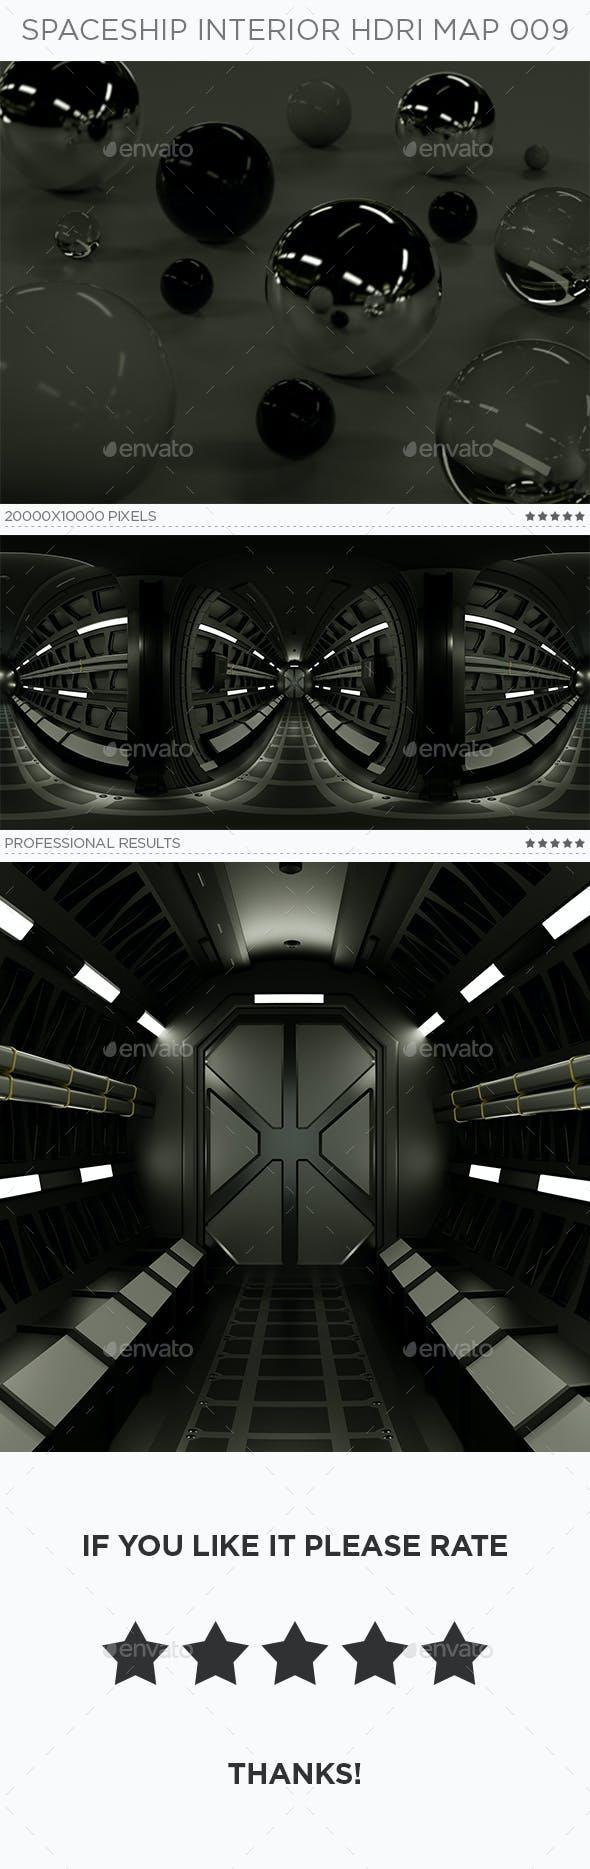 Spaceship Interior HDRi Map 009 - 3DOcean Item for Sale